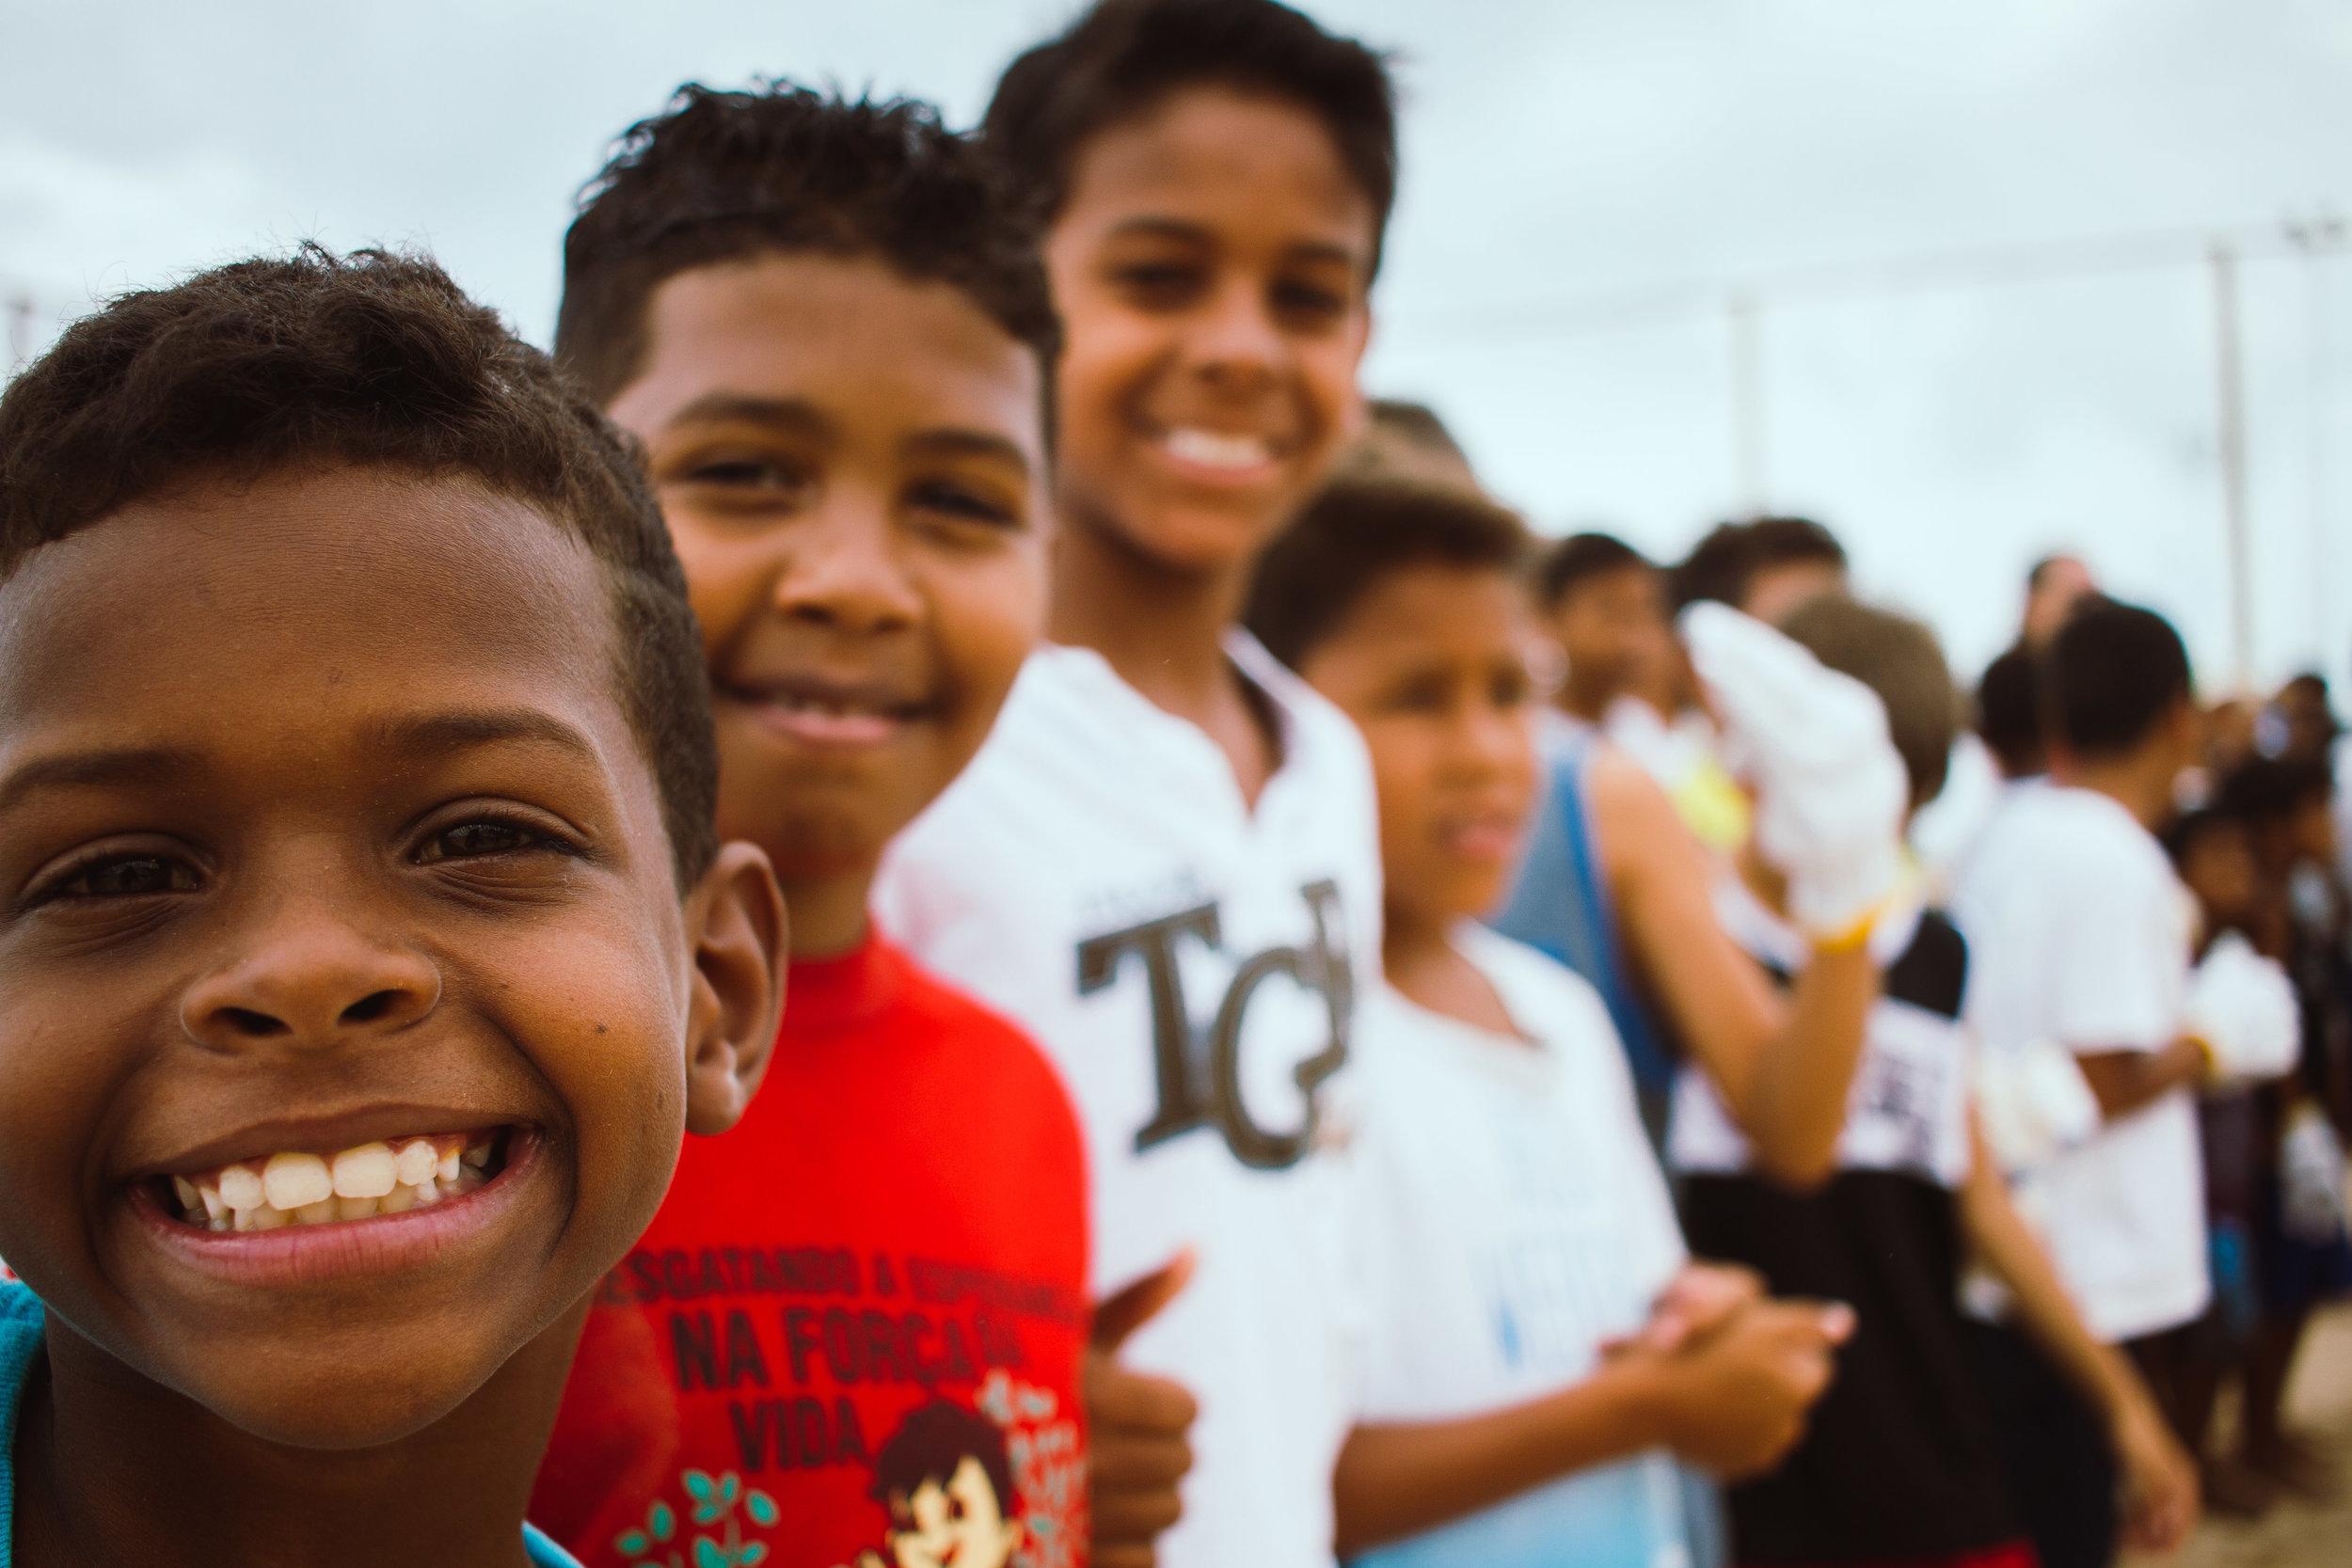 MUTIRAO BRASILIA TEIMOSA_PB TEIMOSA_PRISCILLABUHR-42.jpg